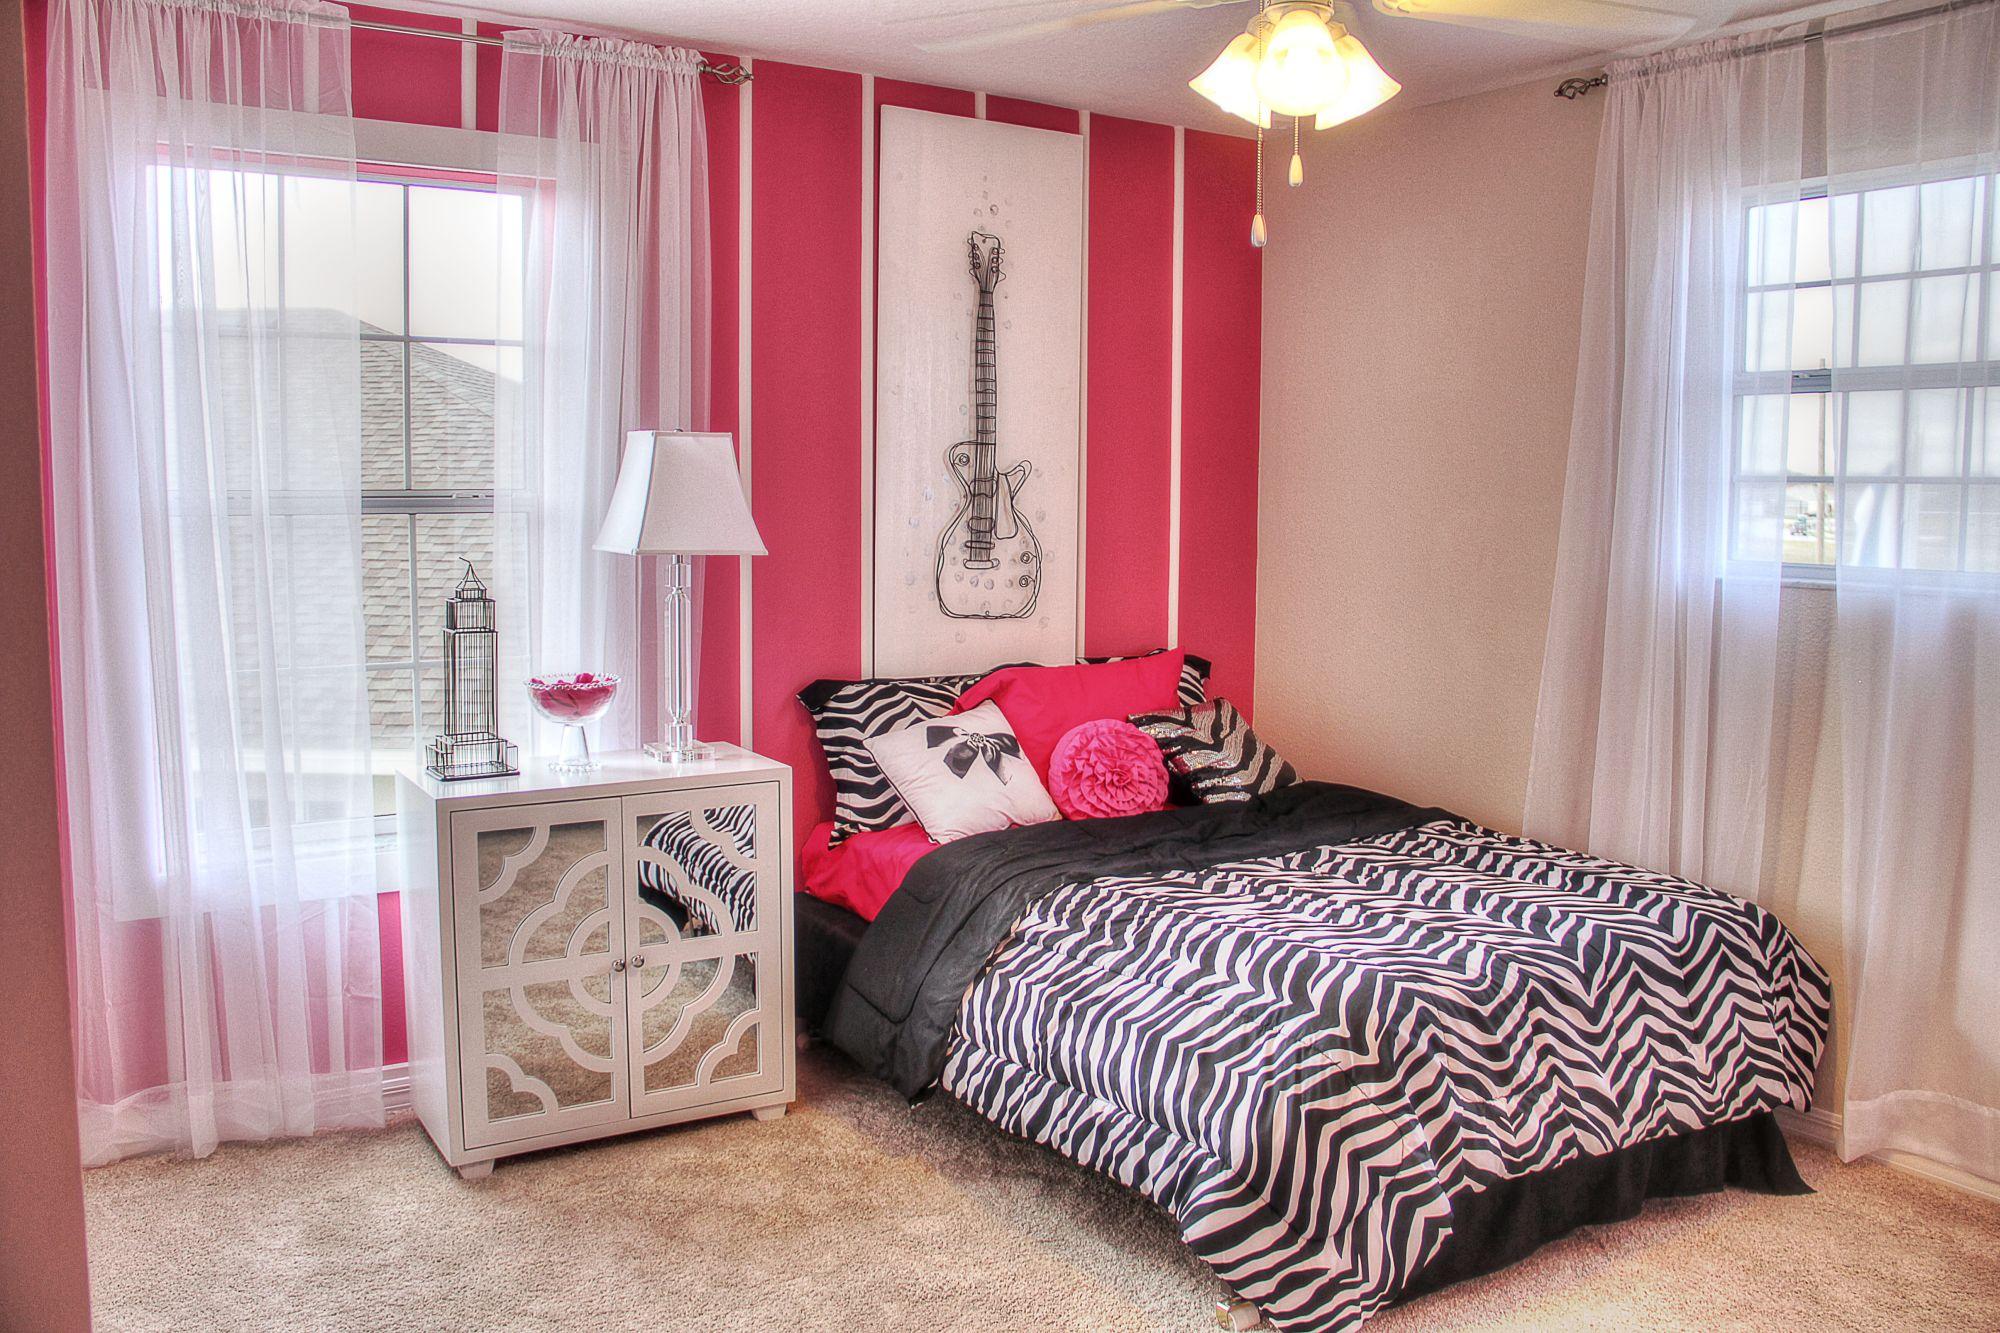 Bedroom 4 Marbella Resort Davenport, Florida